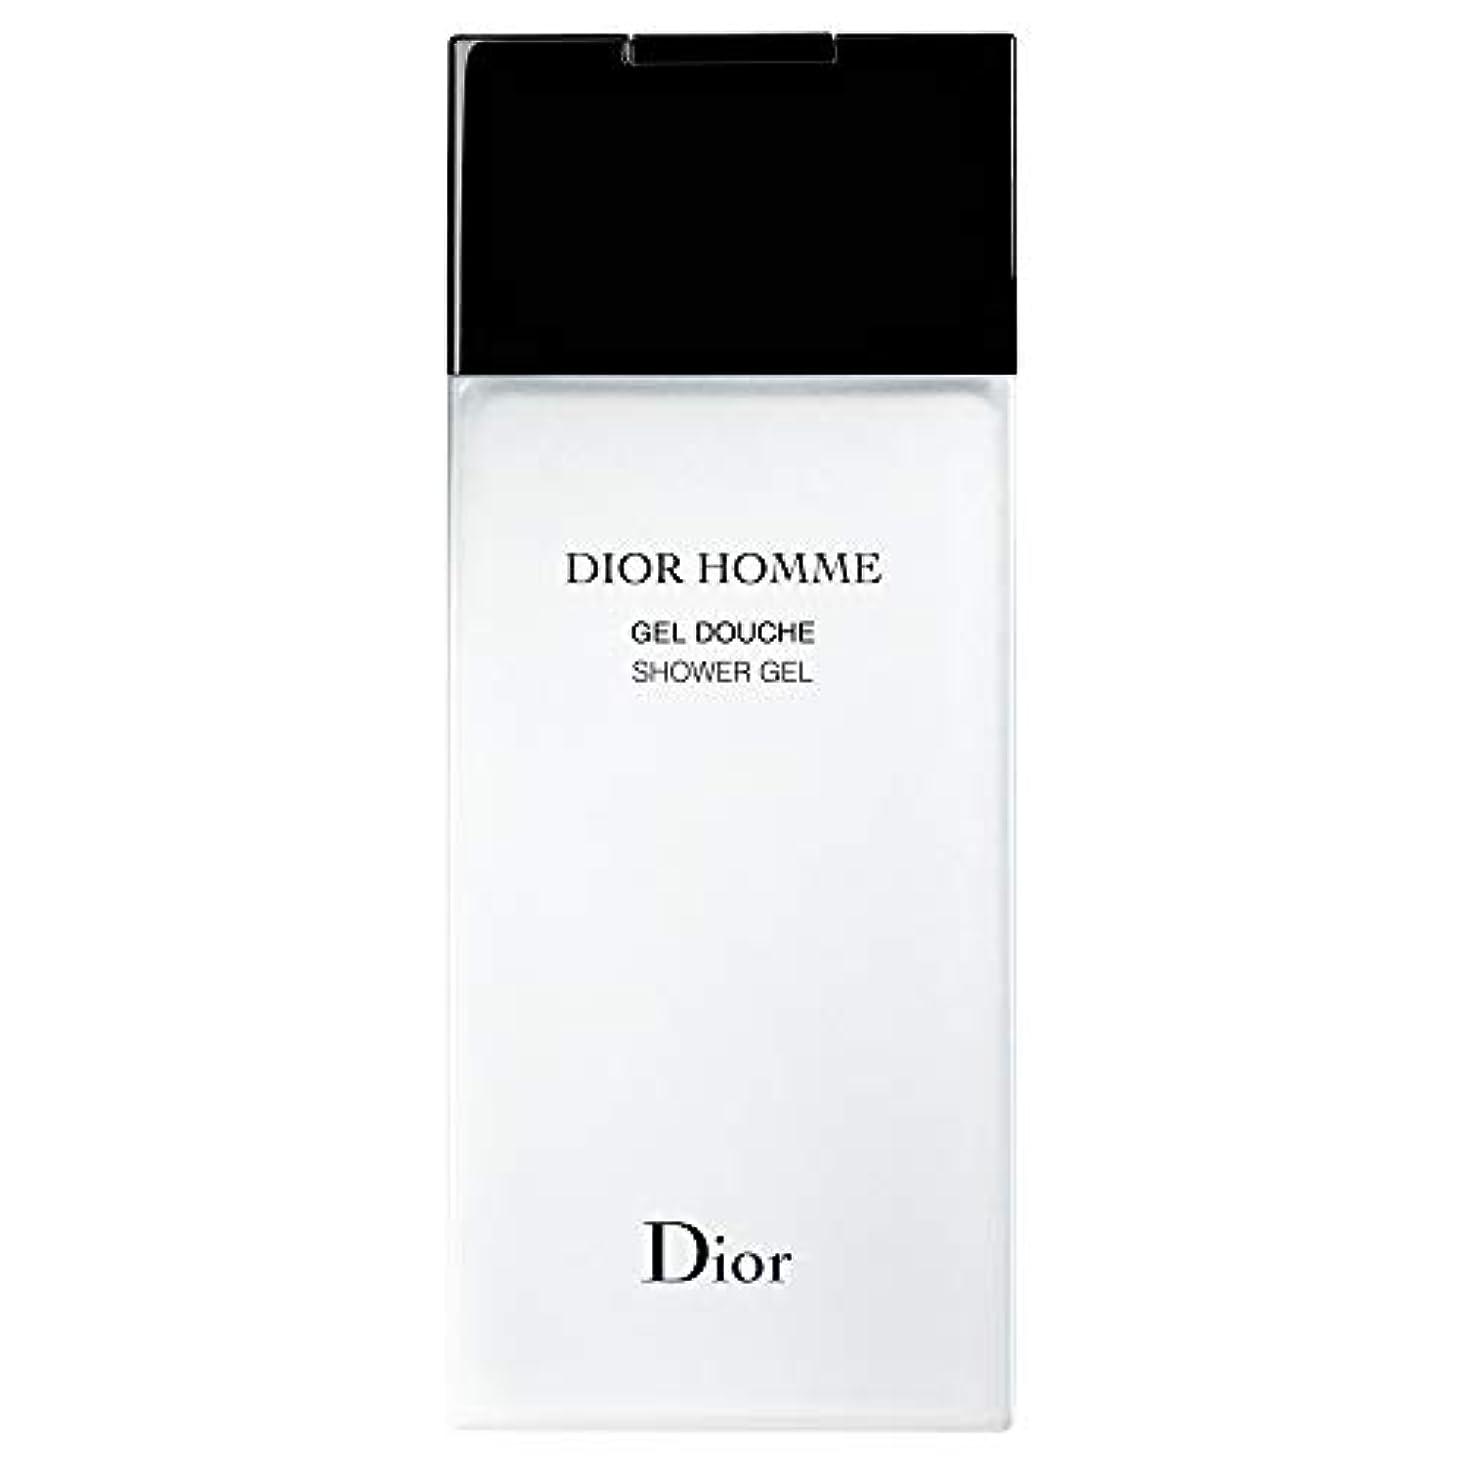 囲まれたスイス人引き受ける[Dior] ディオールオムシャワージェル200Ml - Dior Homme Shower Gel 200ml [並行輸入品]